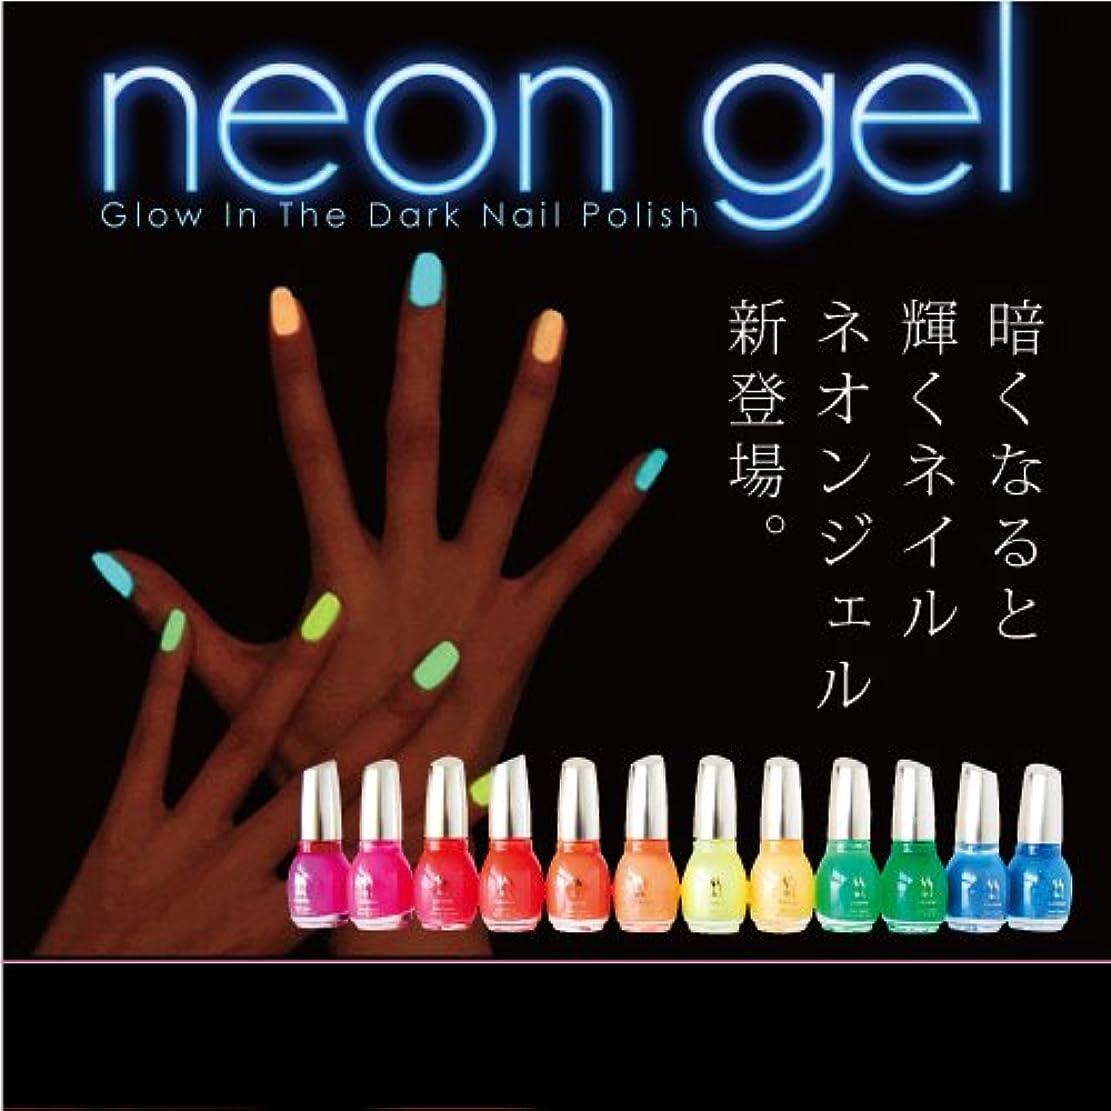 目覚めるに渡ってアロングNeon Gel -Glow In The Dark- 蛍光ネイルポリッシュ 15ml カラー:08 ディープグリーン [マニキュア ネイルカラー ジェルネイルカラー ネイルポリッシュ SHANTI]